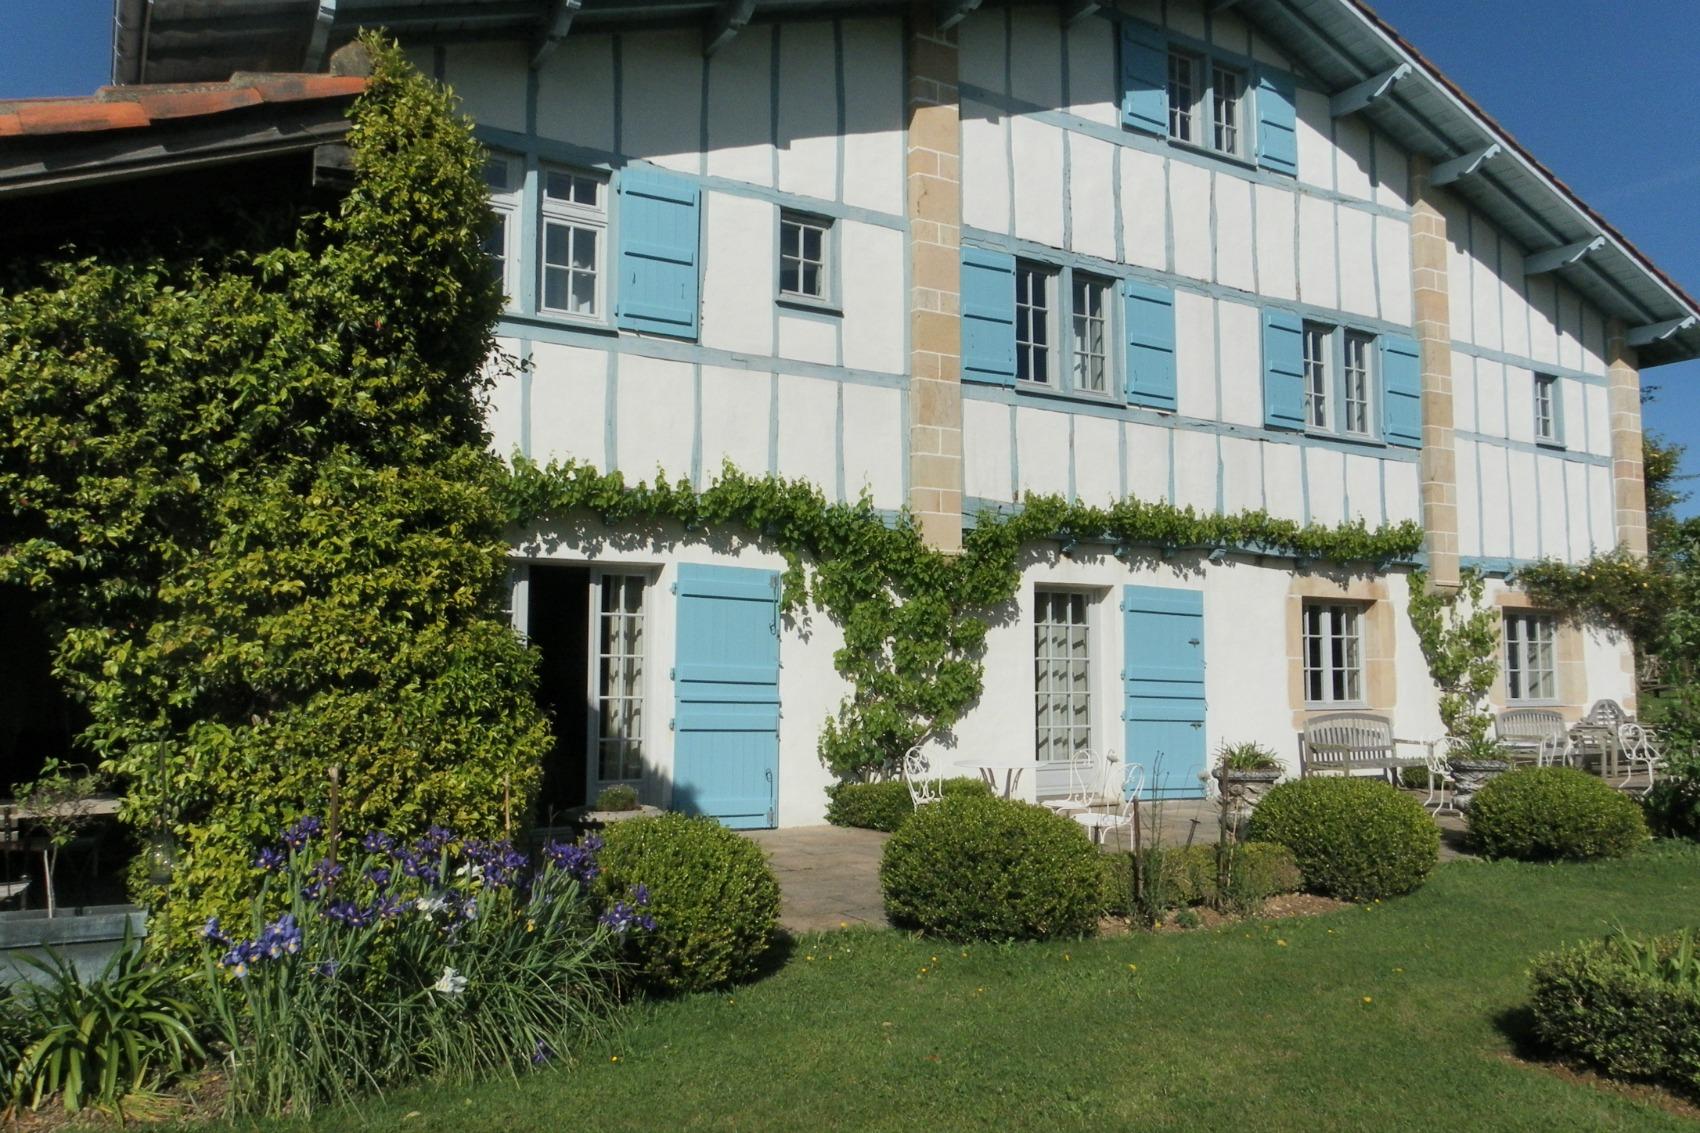 Les volets bleus biarritz